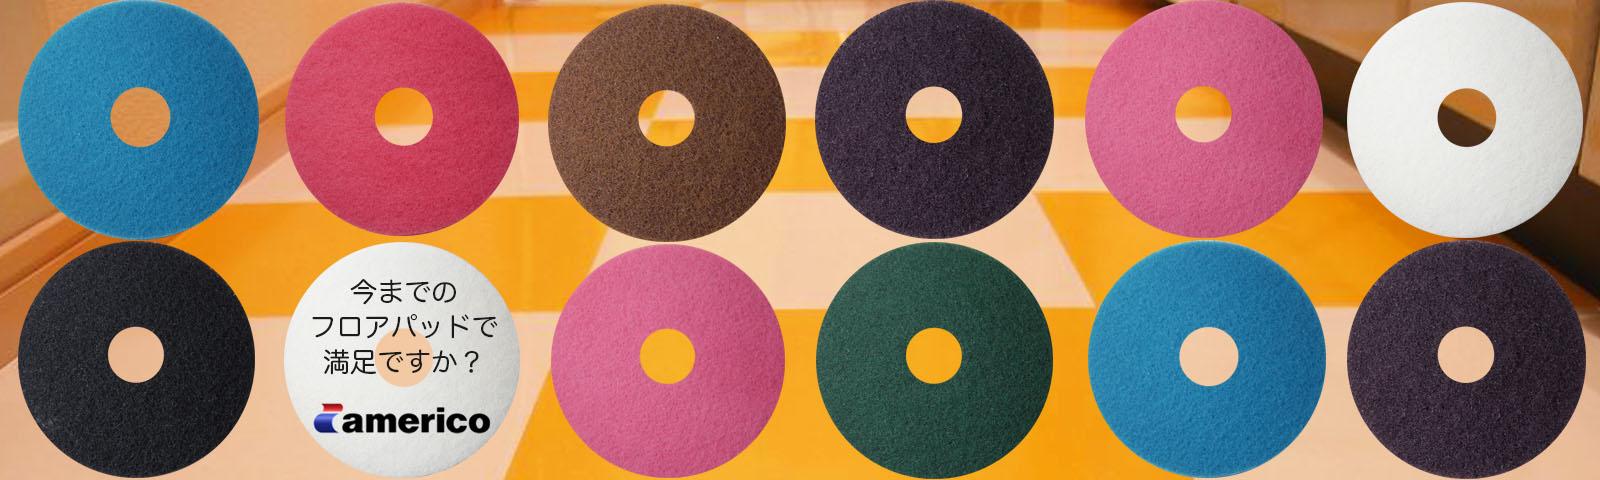 リサイクル繊維仕様で地球に優しく、コストパフォーマンスにも優れたアメリコのフロアパッド